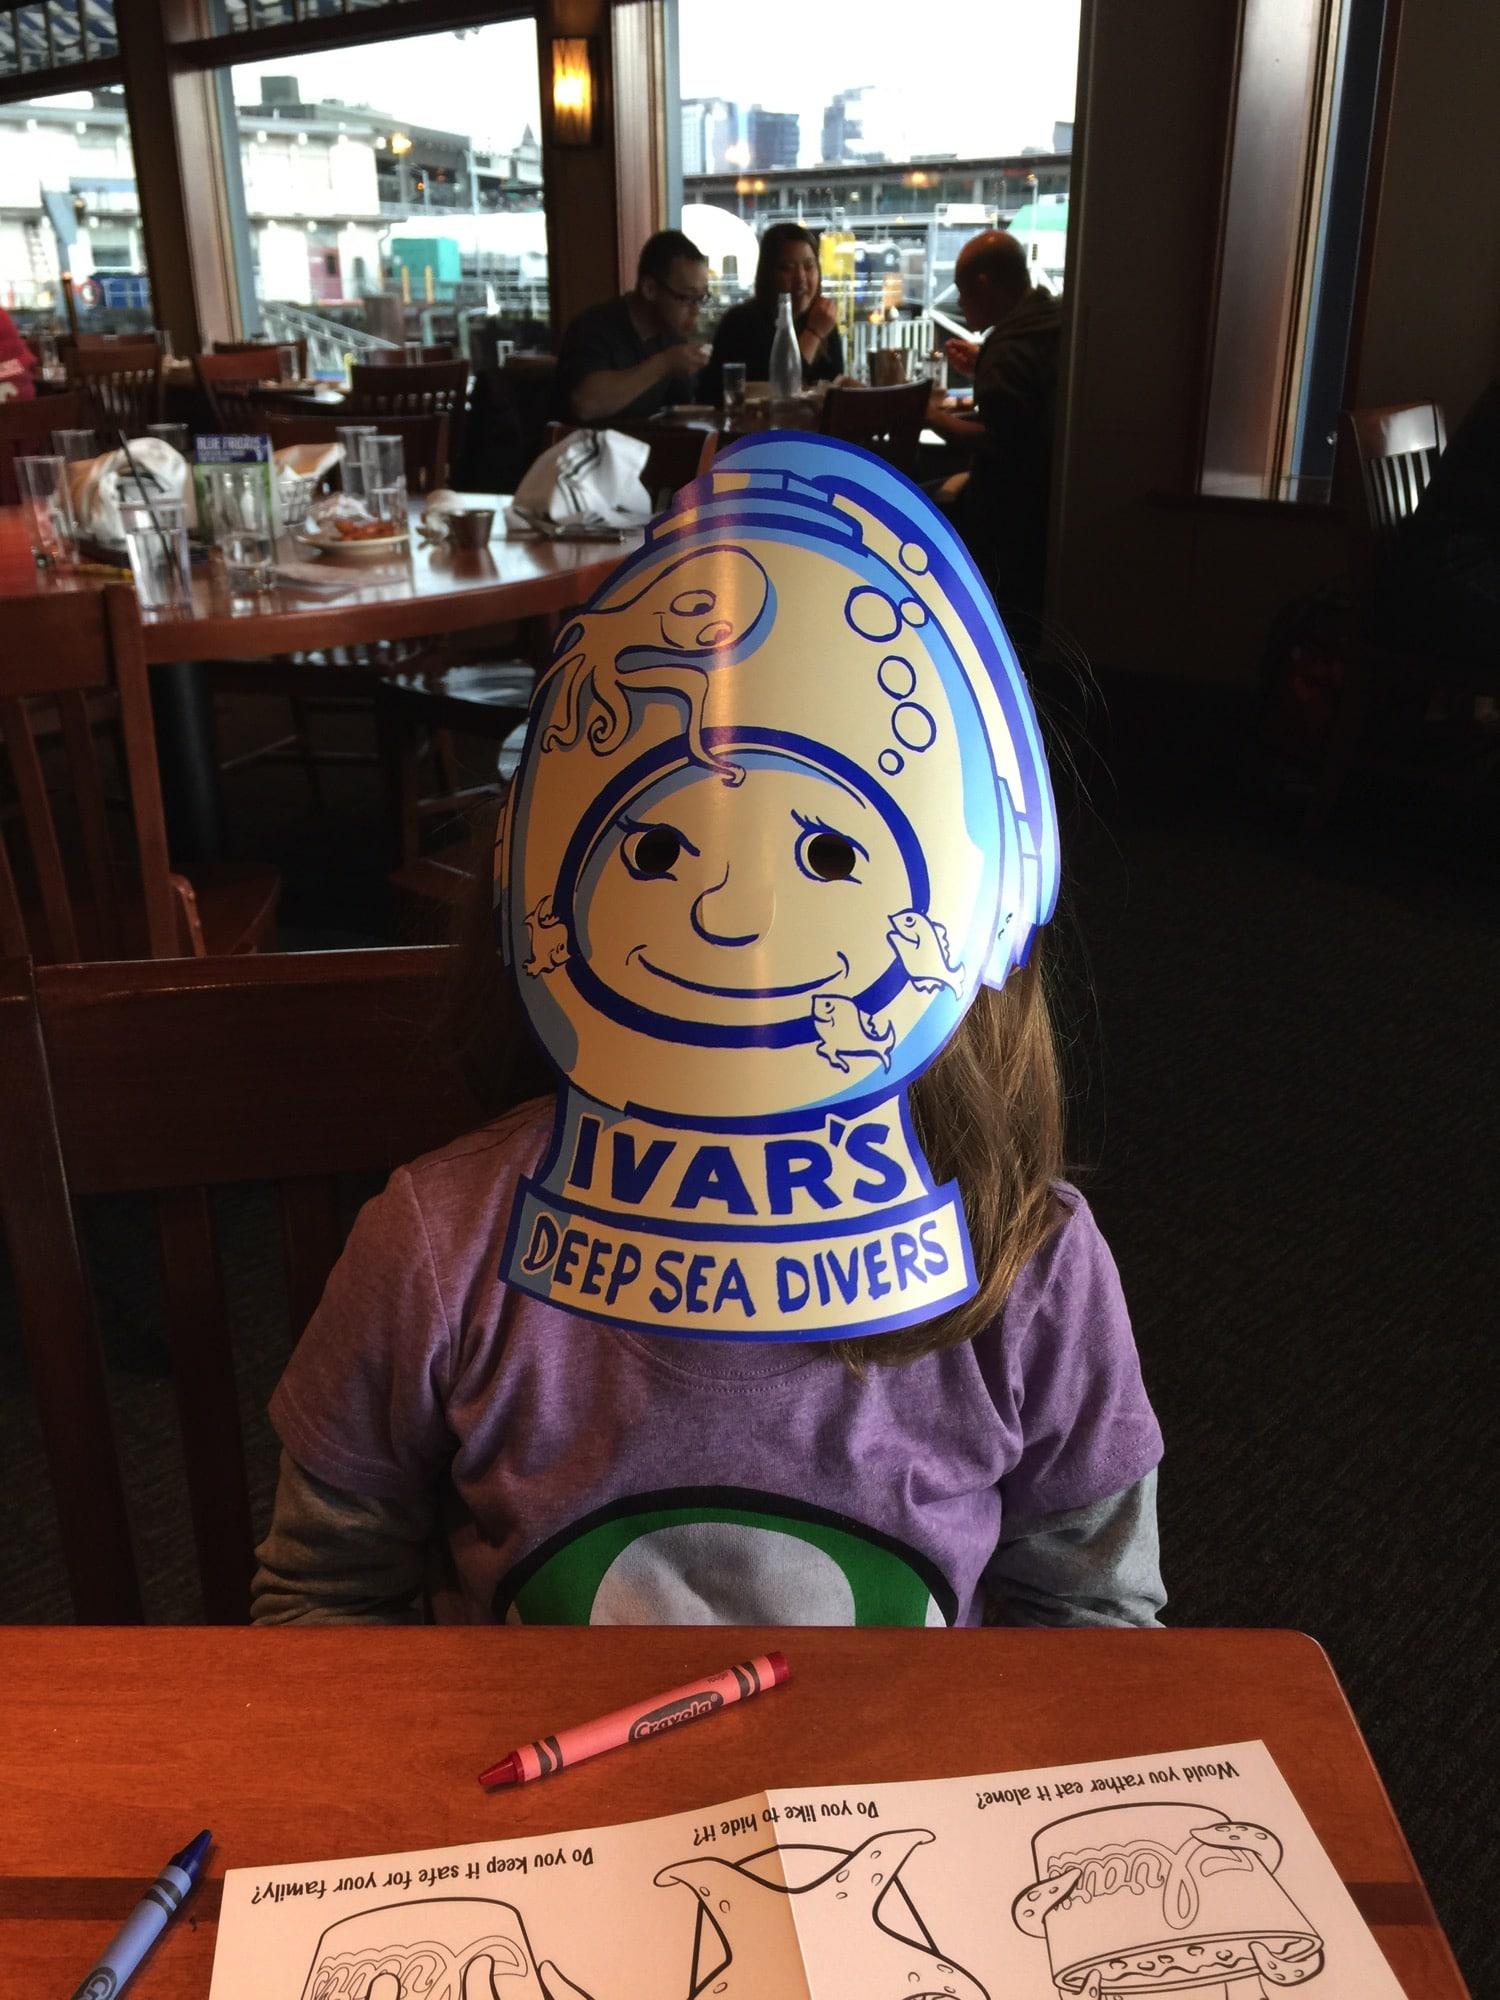 Ivar's restaurant Seattle